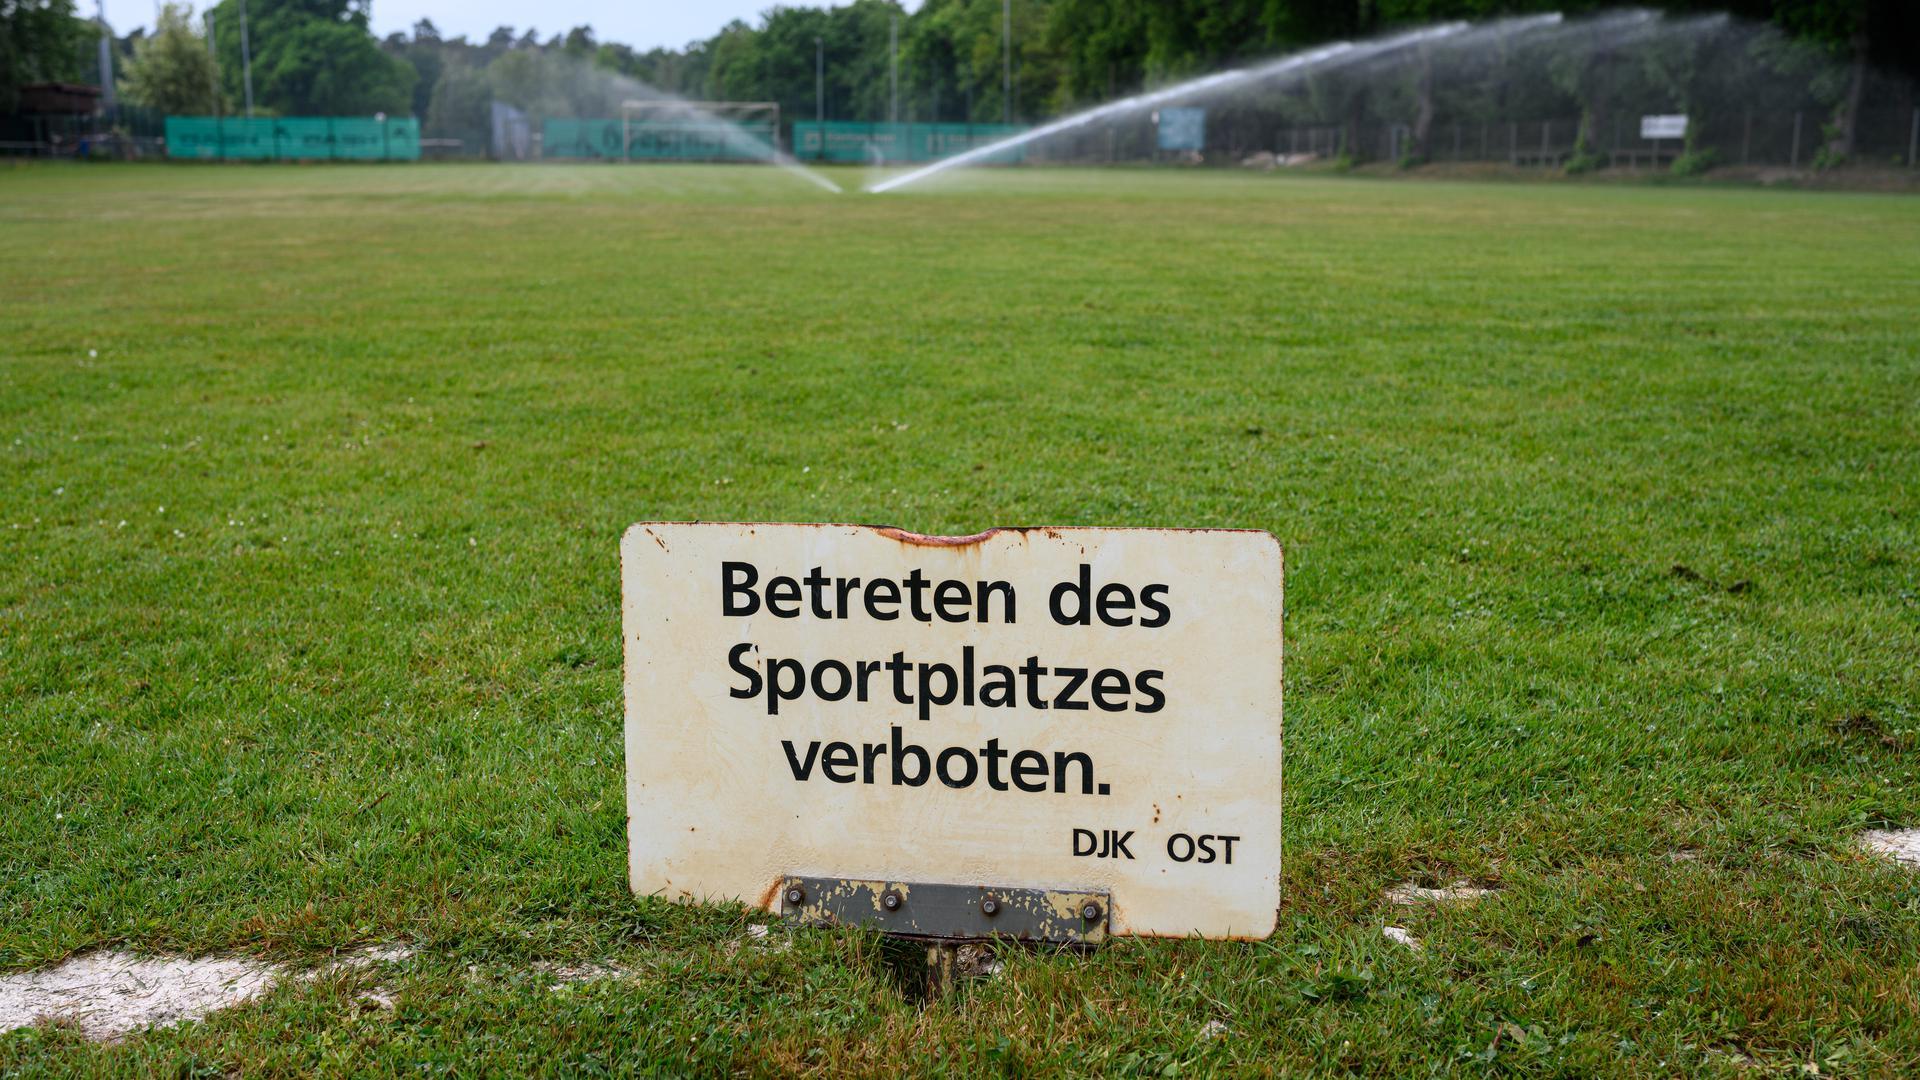 Der Fussballplatz des DJK Ost ist gesperrt, bewaessert und versorgt werden muss die Sportanlage trotzdem  GES/ Taegliches Leben mit Corona in Karlsruhe, 09.05.2020  GES/ Daily life during Corona crisis in Karlsruhe. 09.05.2020